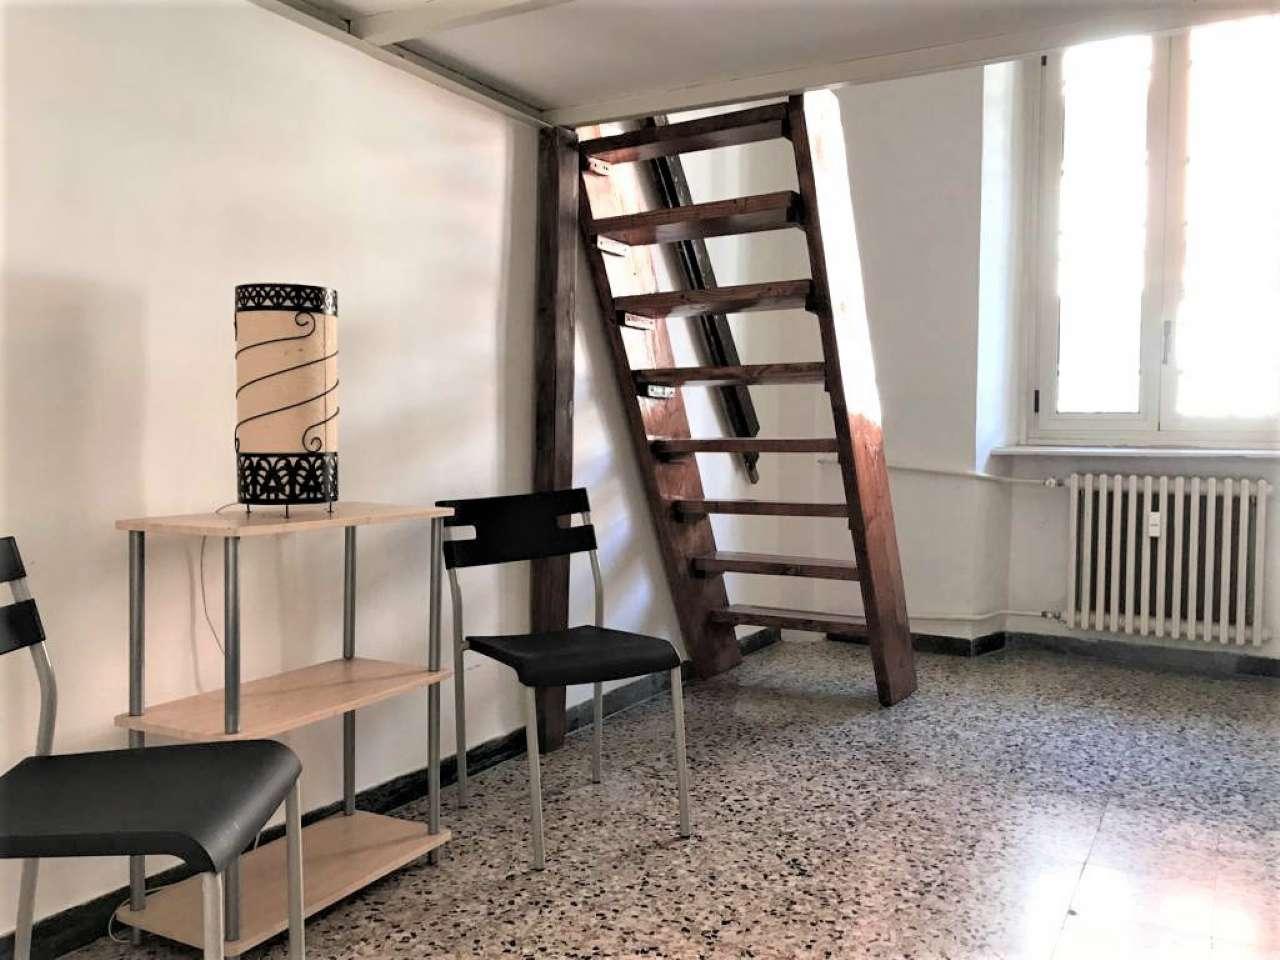 Italia Arreda Borgaro Torinese bilocale in vendita a torino - zona: 13 . borgo vittoria, madonna di  campagna, barriera di lanzo